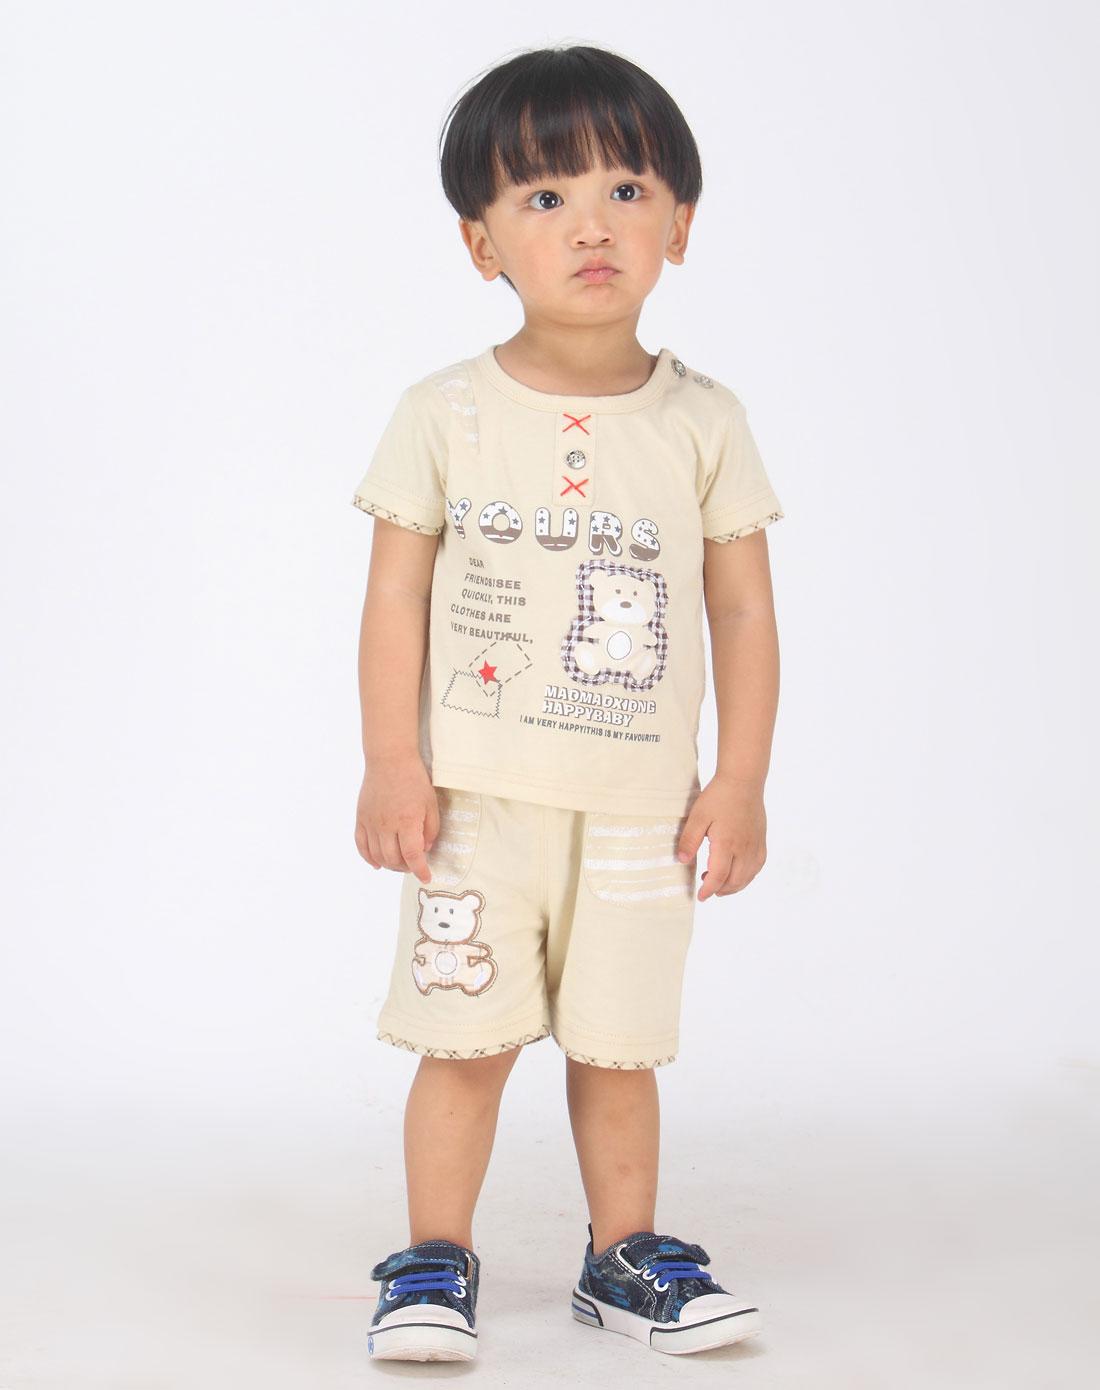 毛毛熊maomaoxiong男女童混合专场男童杏色印图可爱短袖两件套